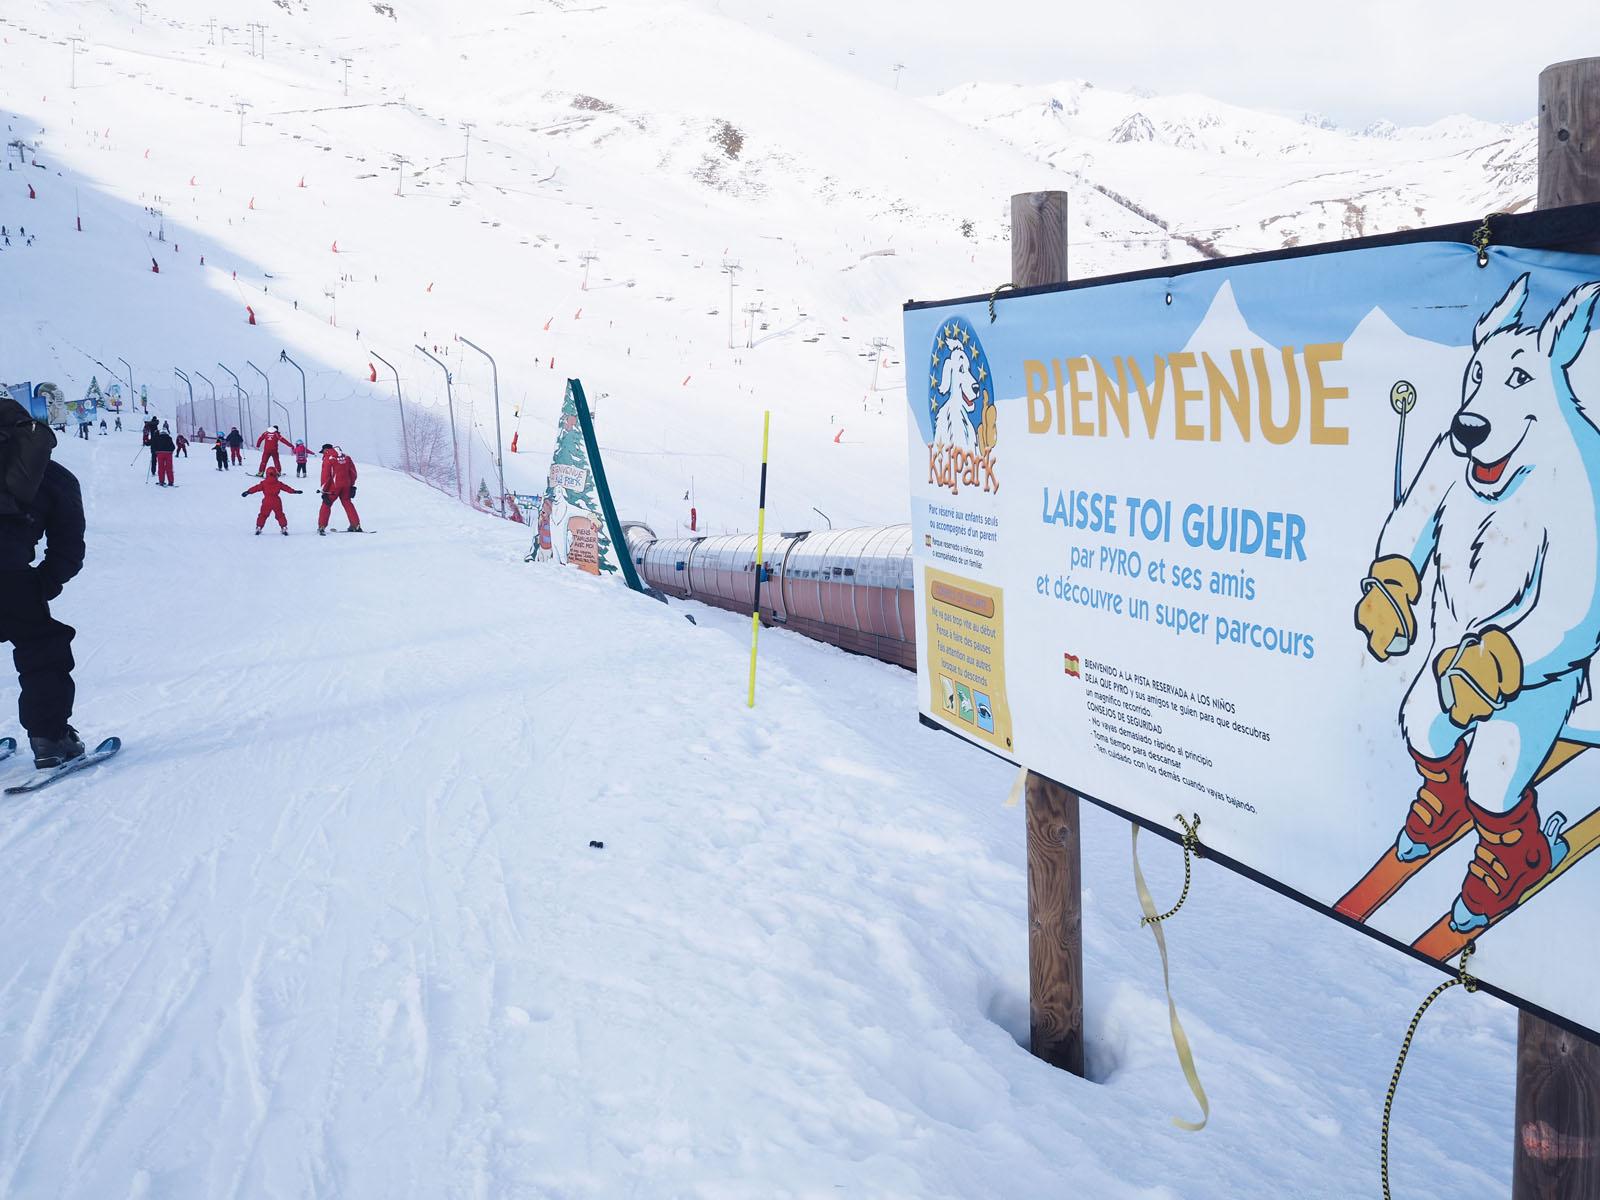 Vacances au ski en famille Hautes Pyrenees bonnes adresses hotel station l La Fiancee du Panda blog mariage et lifestyle-1038309